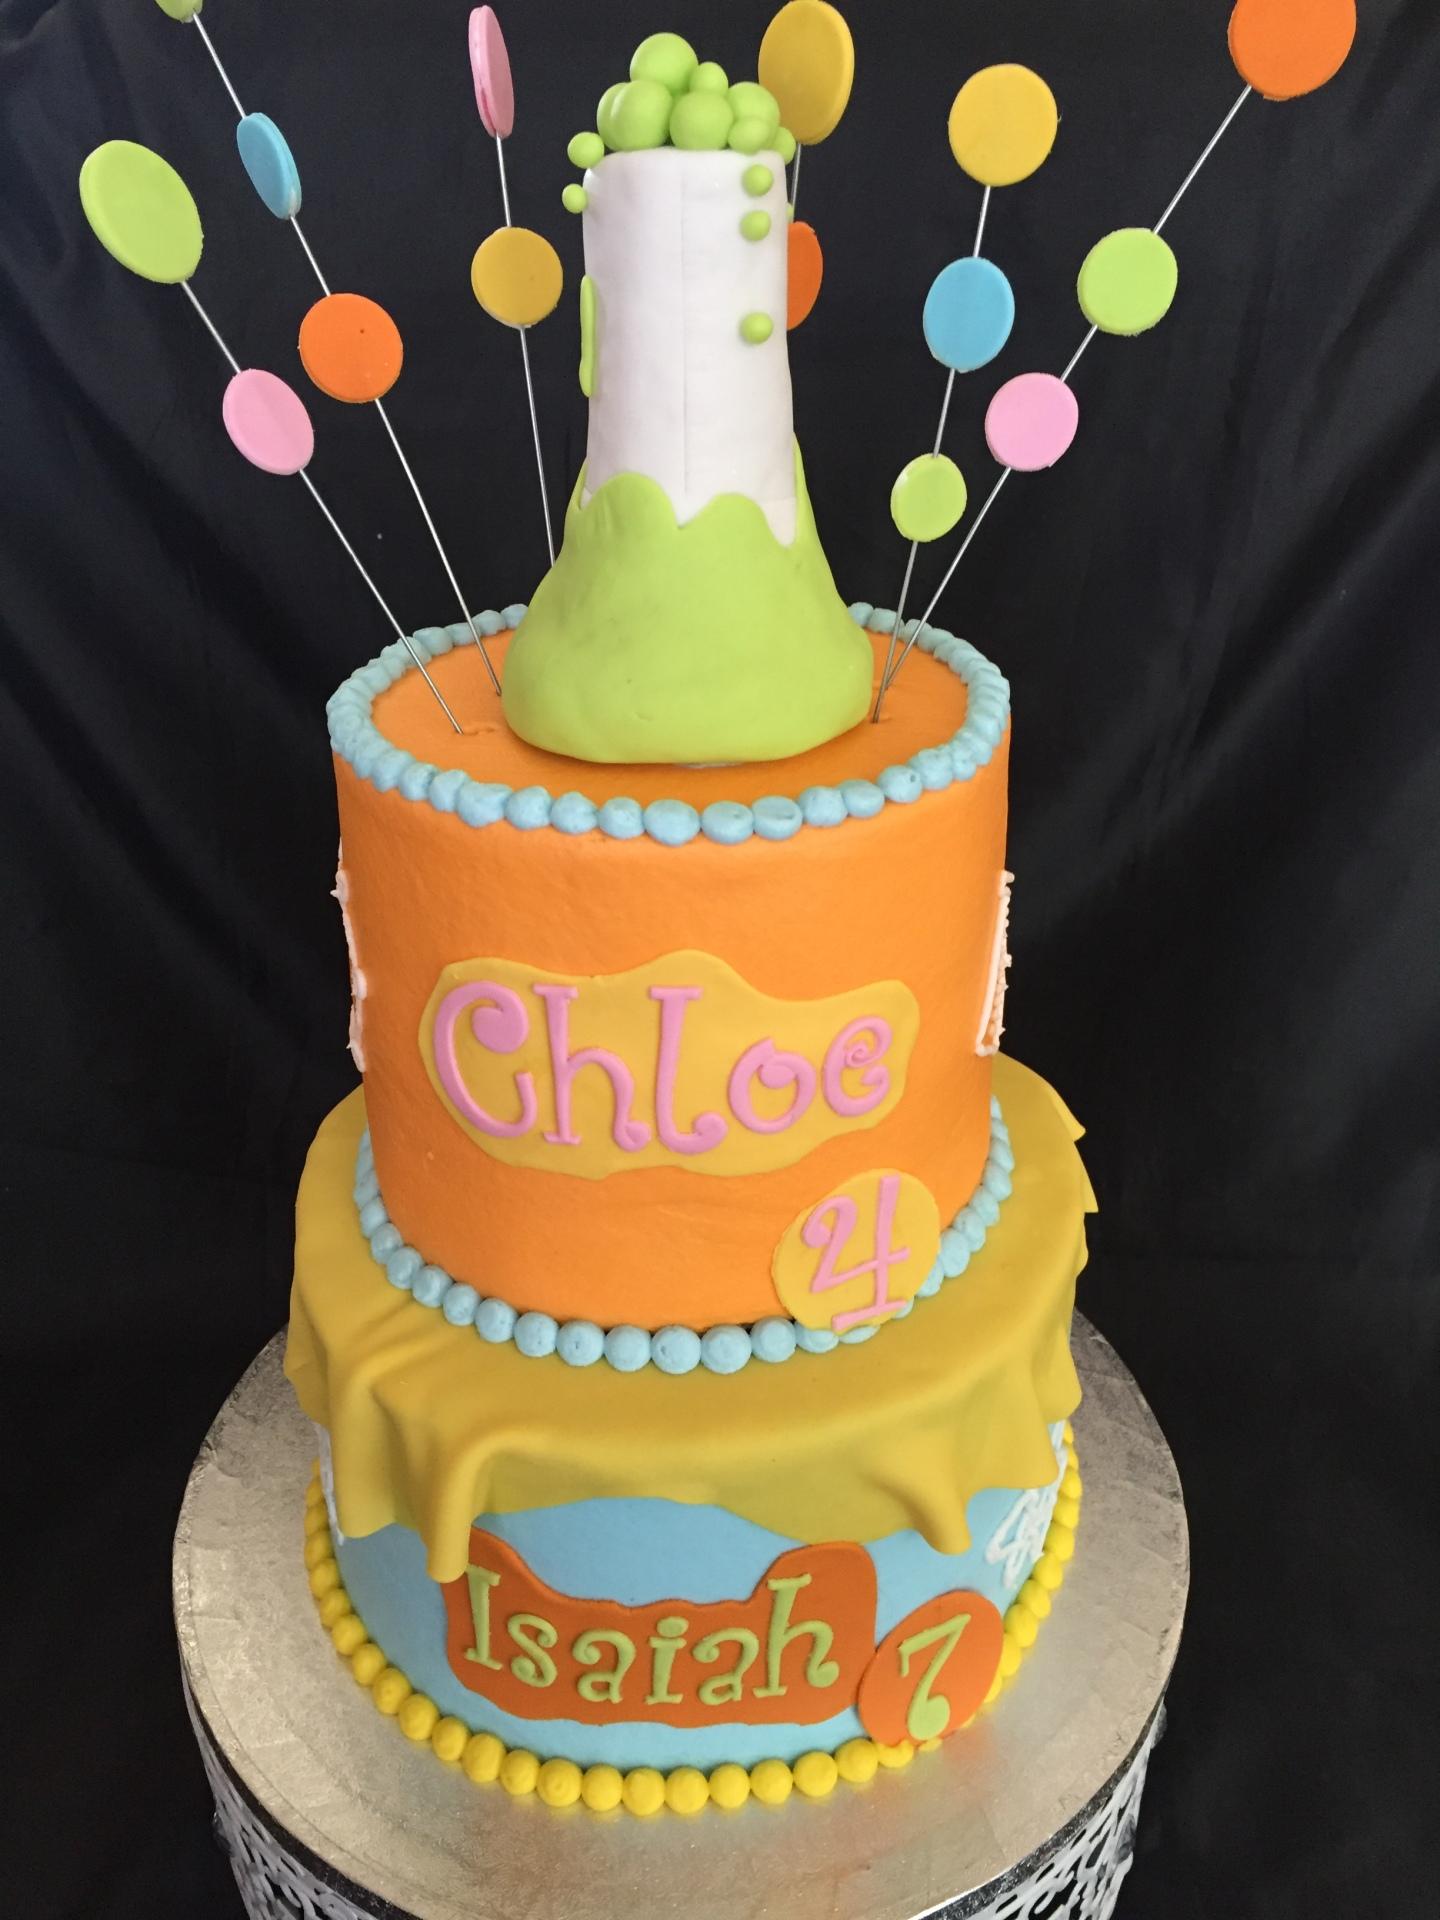 Science theme cake